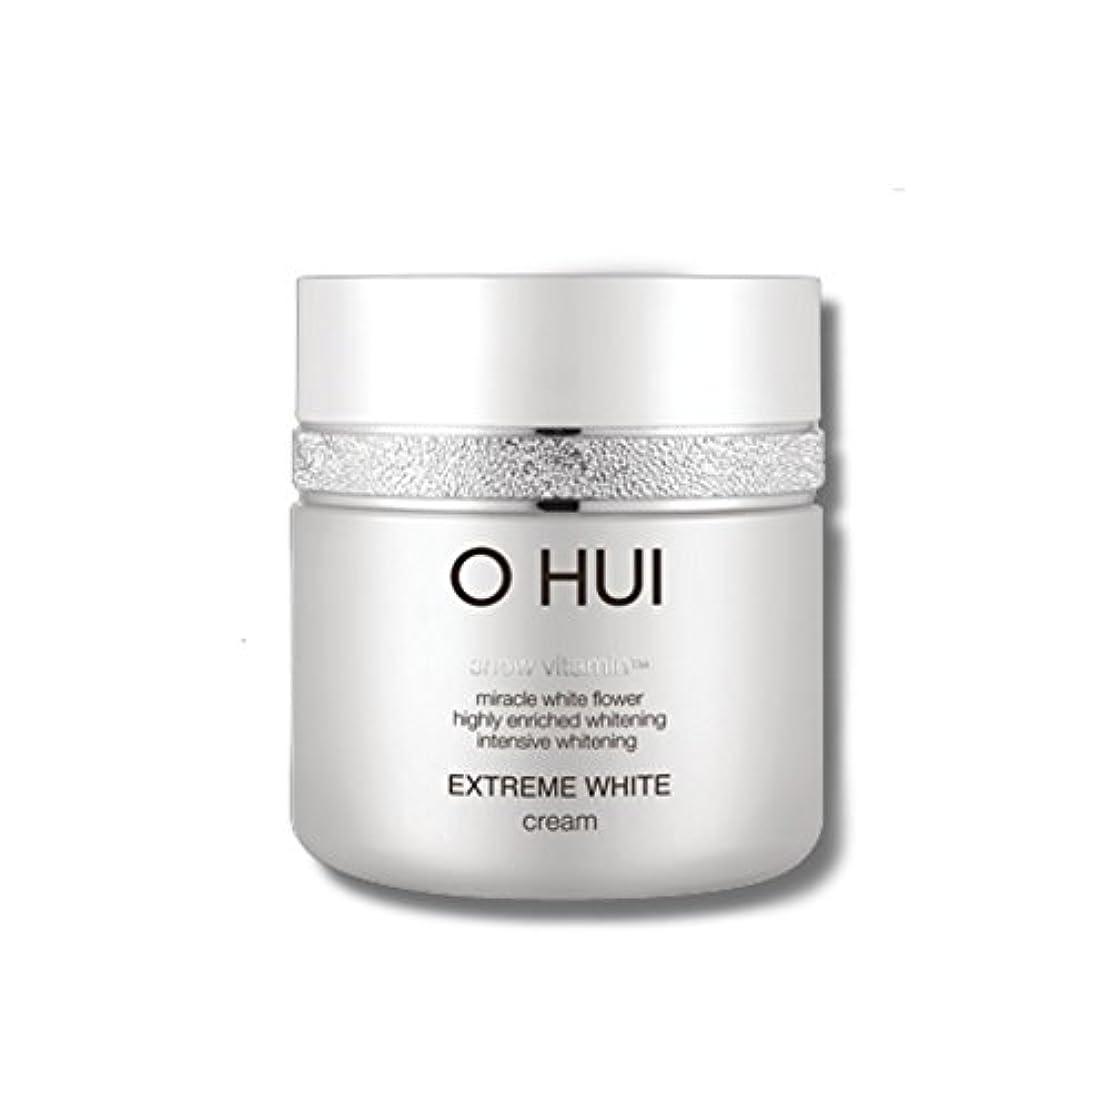 その分割拘束するOHUI Extreme White Cream 50ml/オフィ エクストリーム ホワイト クリーム 50ml [並行輸入品]